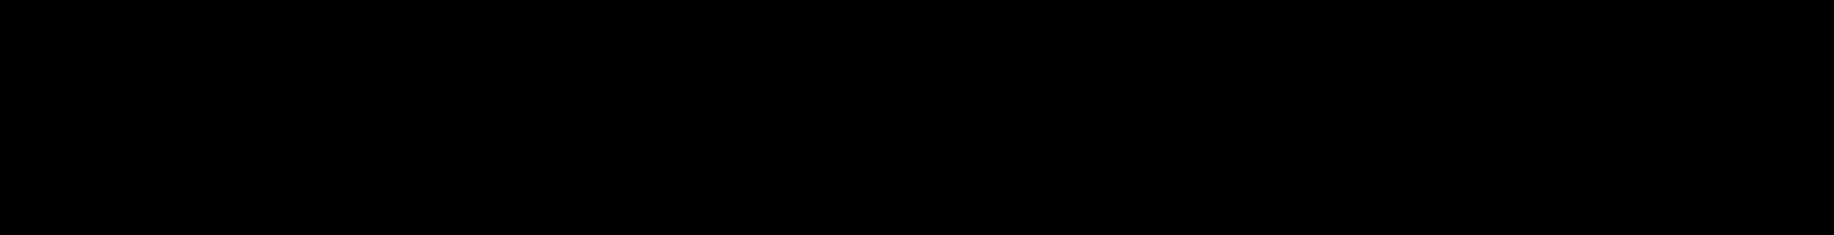 Doradani Bold Italic